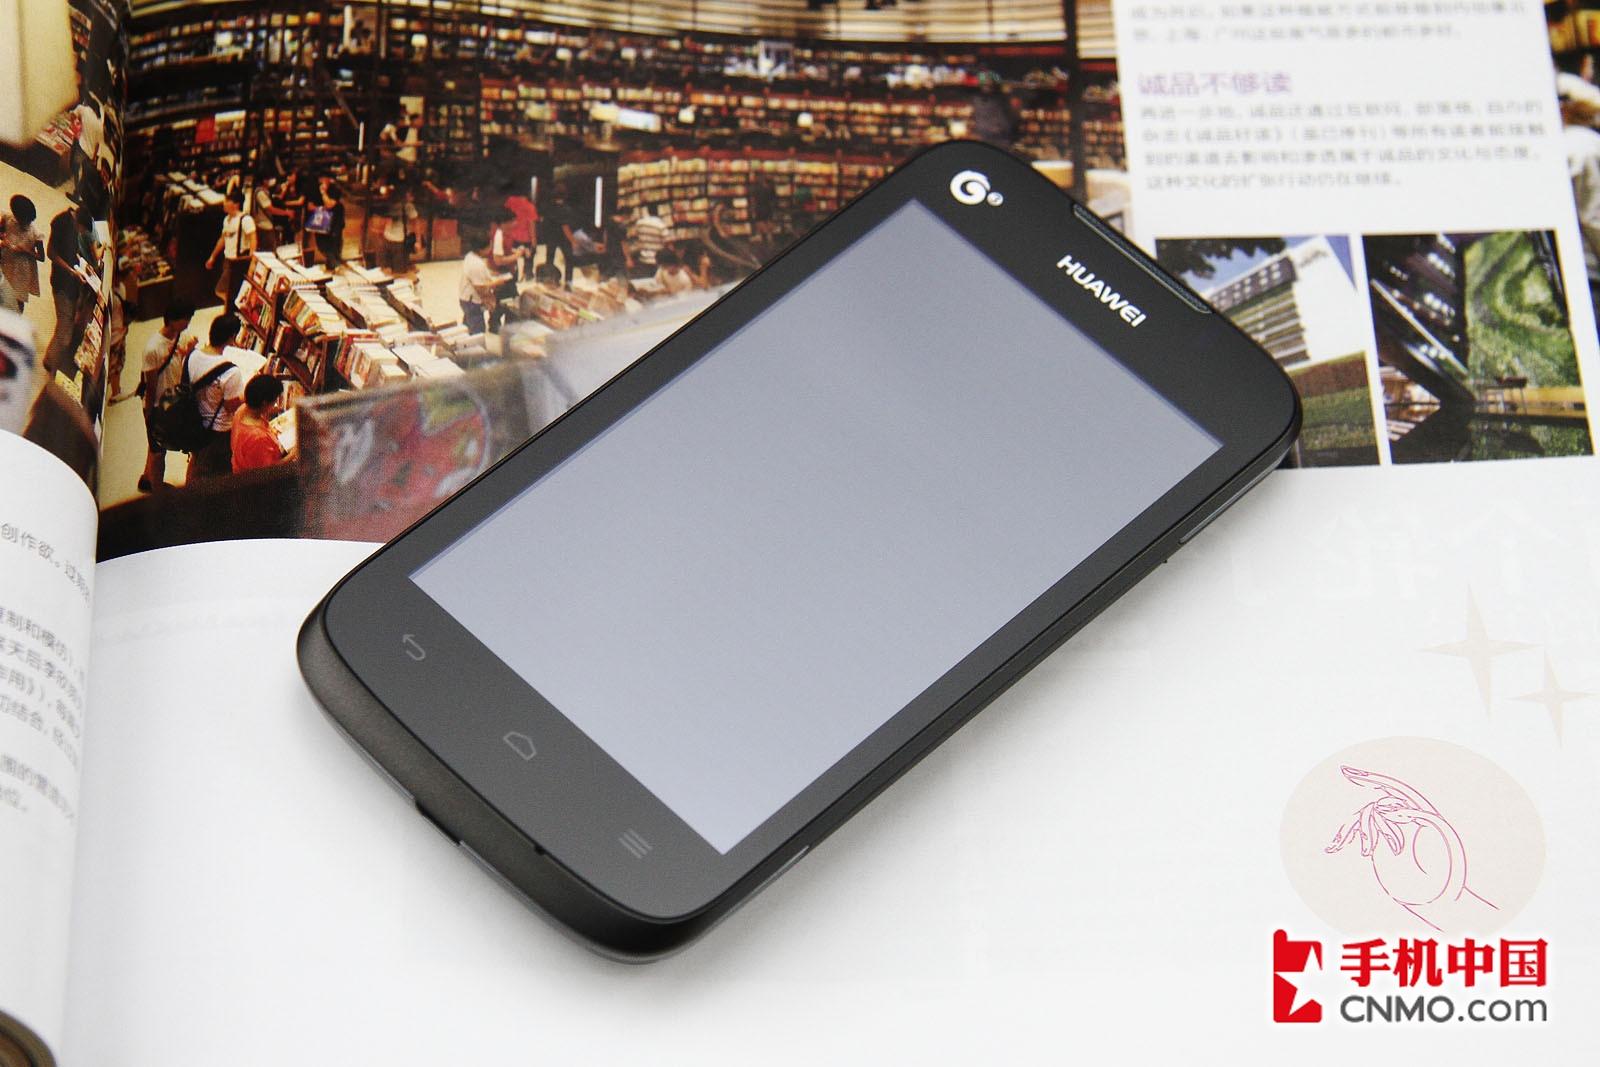 华为g309t手机通讯录在什么地方,华为g309t手机通讯录